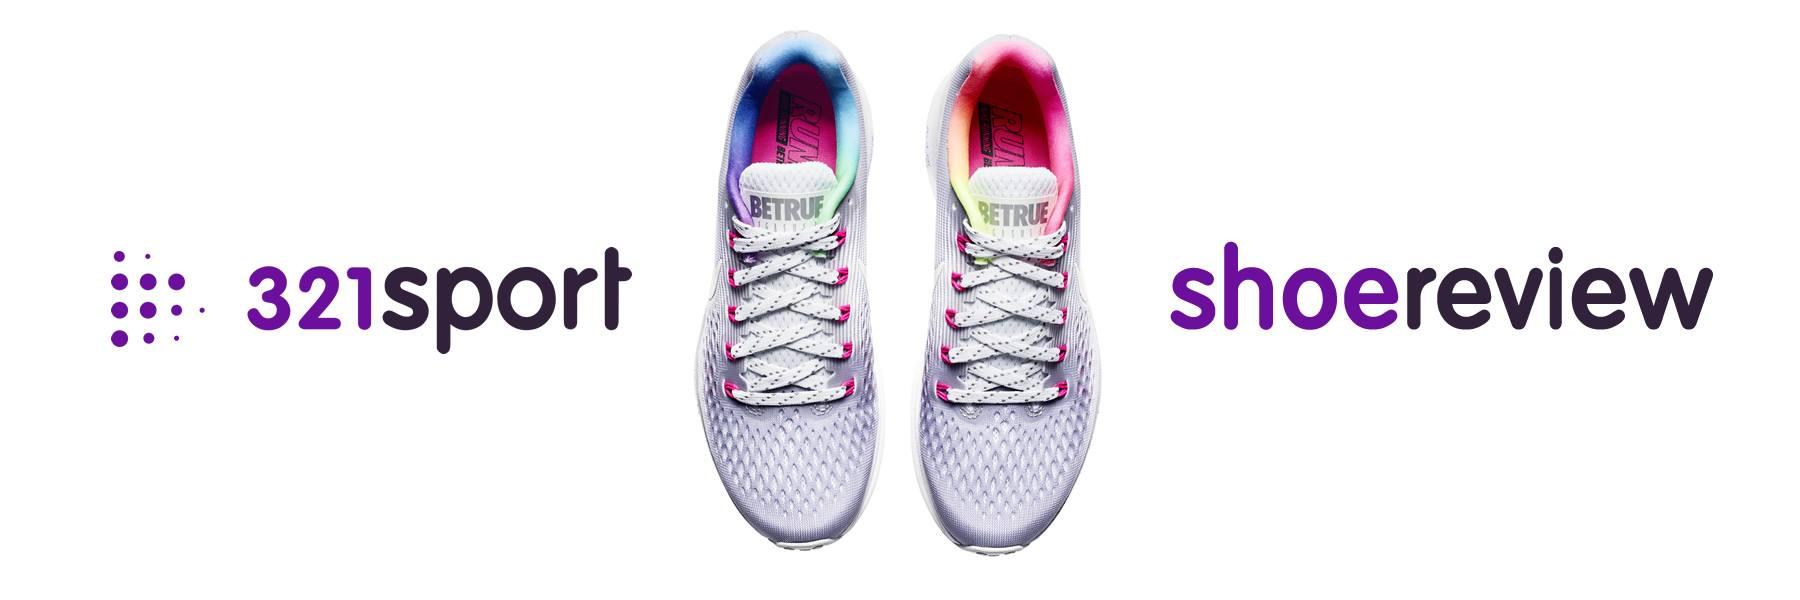 Nike Pegasus 34 și Sunetul mai tare / alergare și muzică